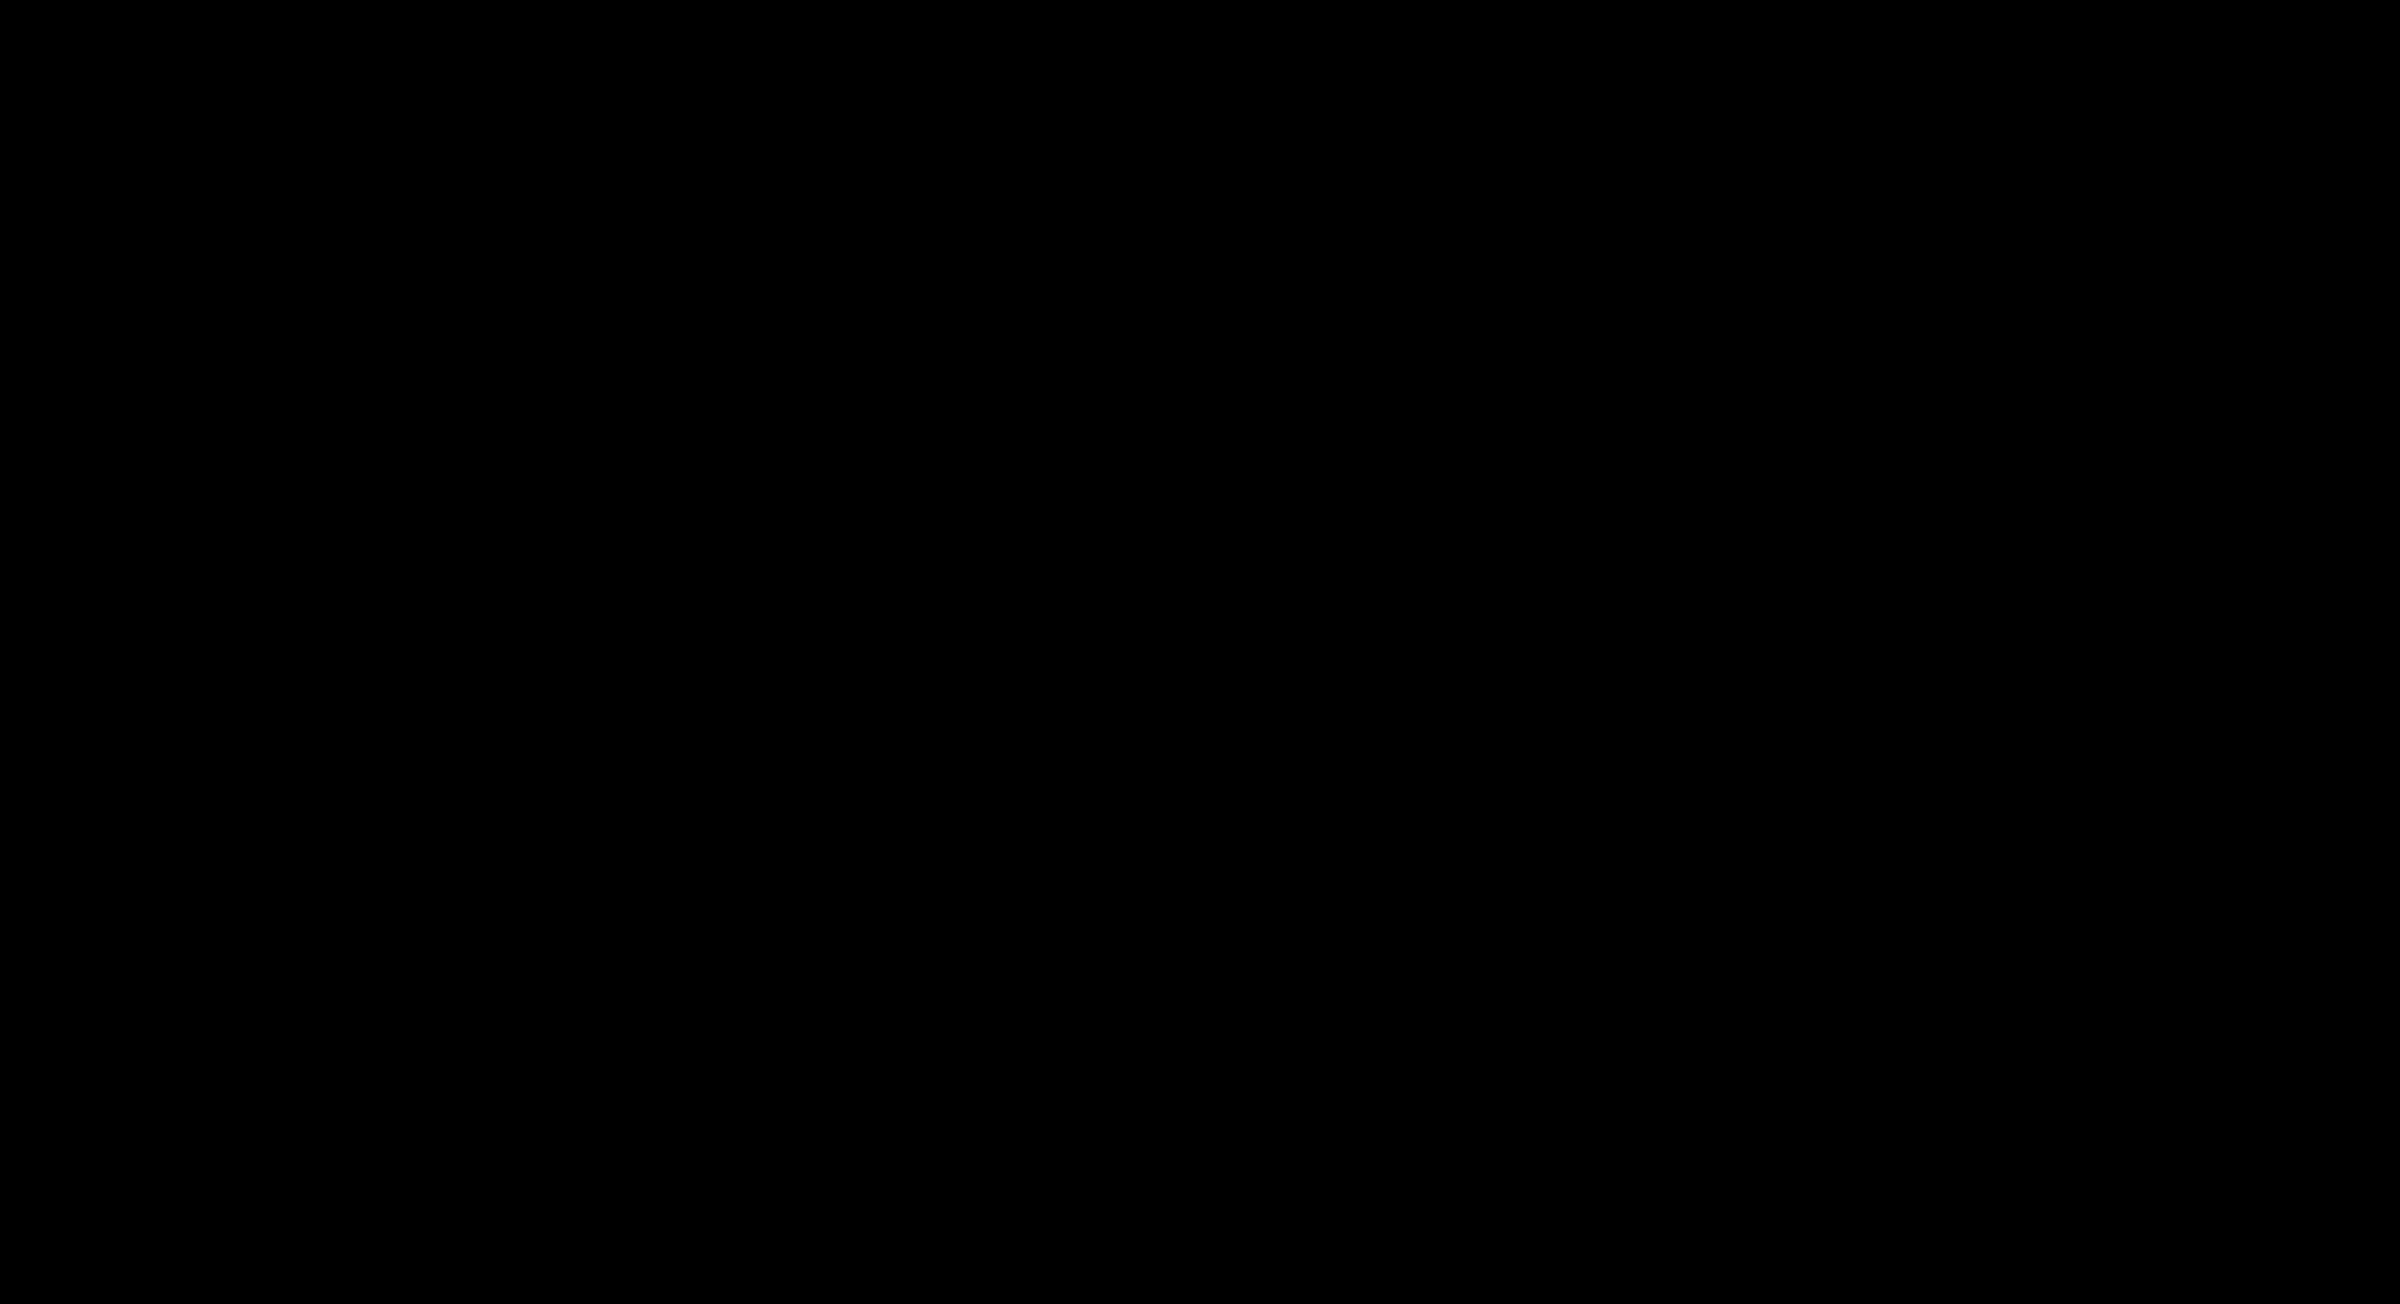 Blimp Clipart Black And White.